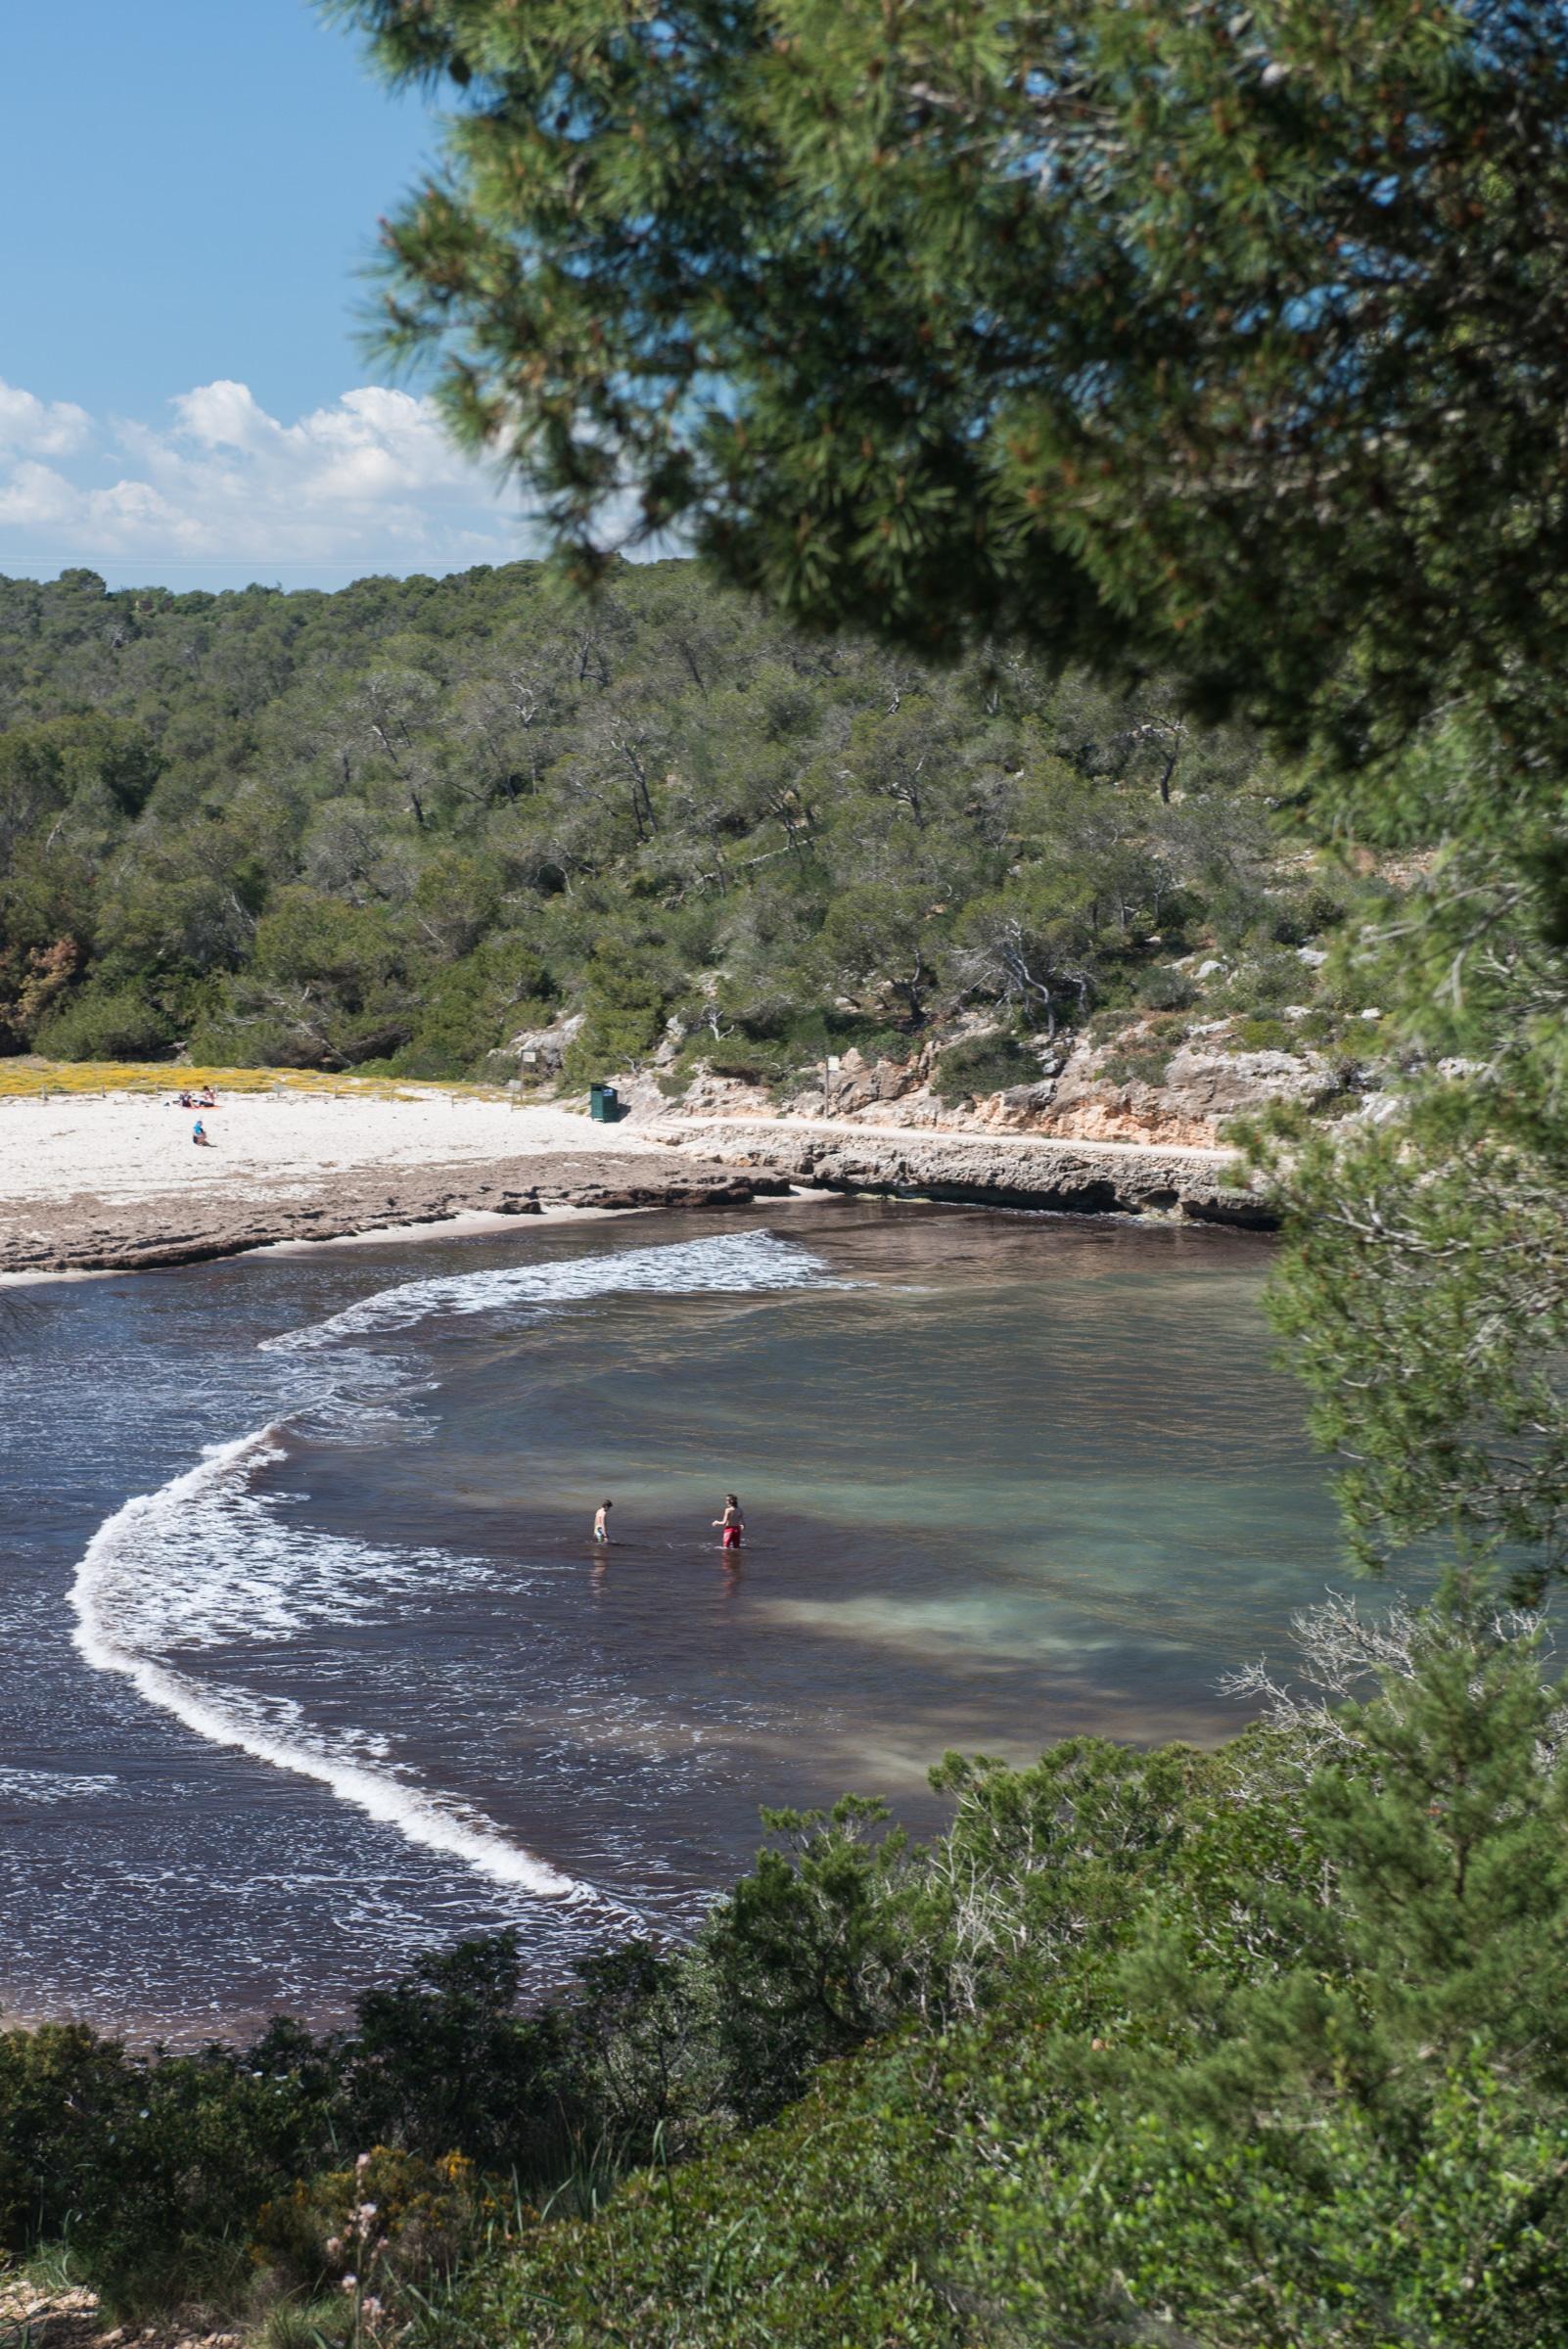 20140404 8419 - s' Amarrador beach in Mondragó NP